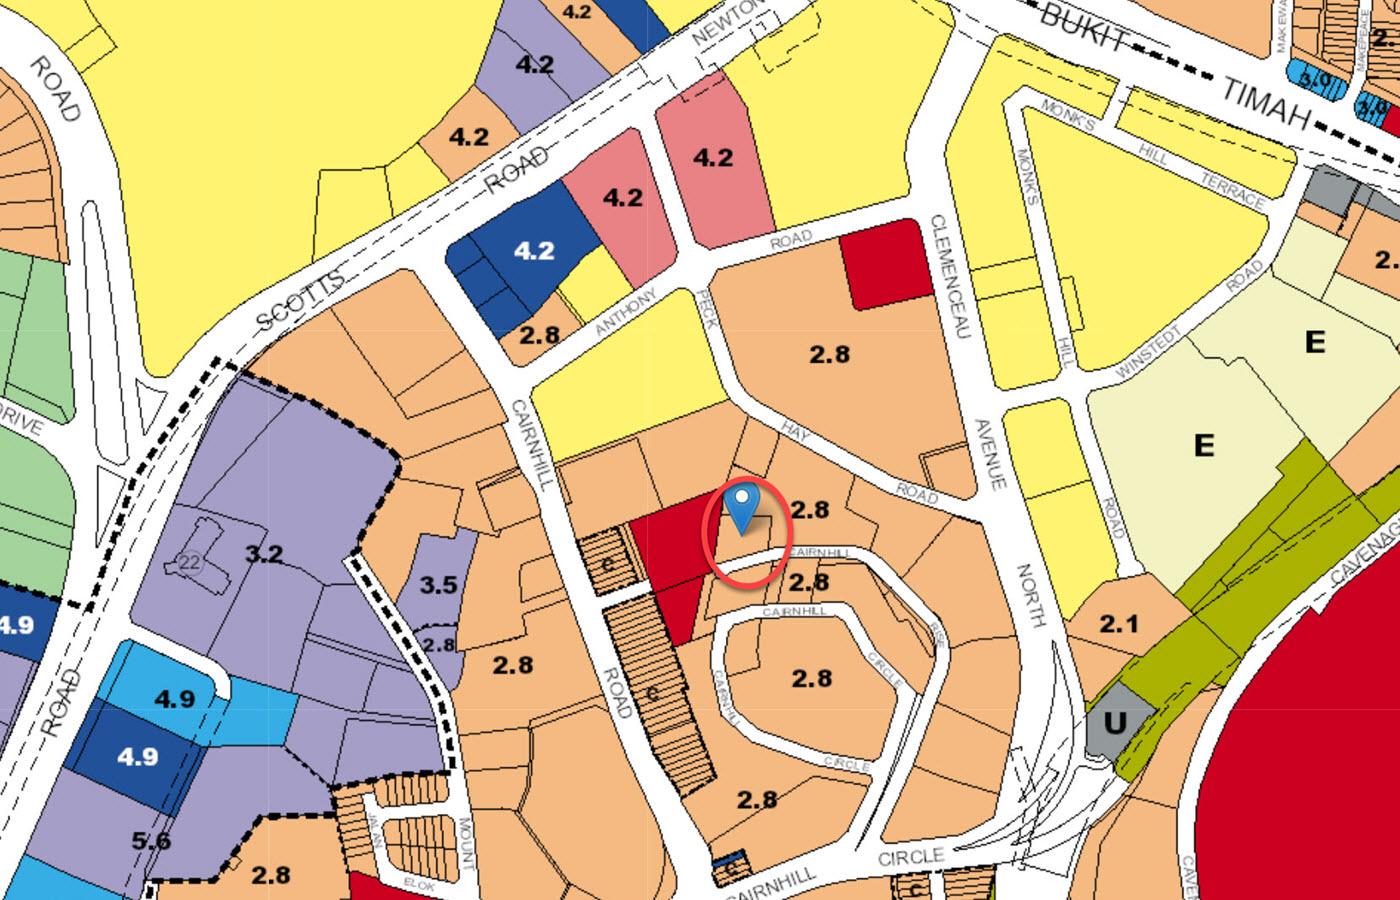 Cairnhill 16 - URA Master Plan Map